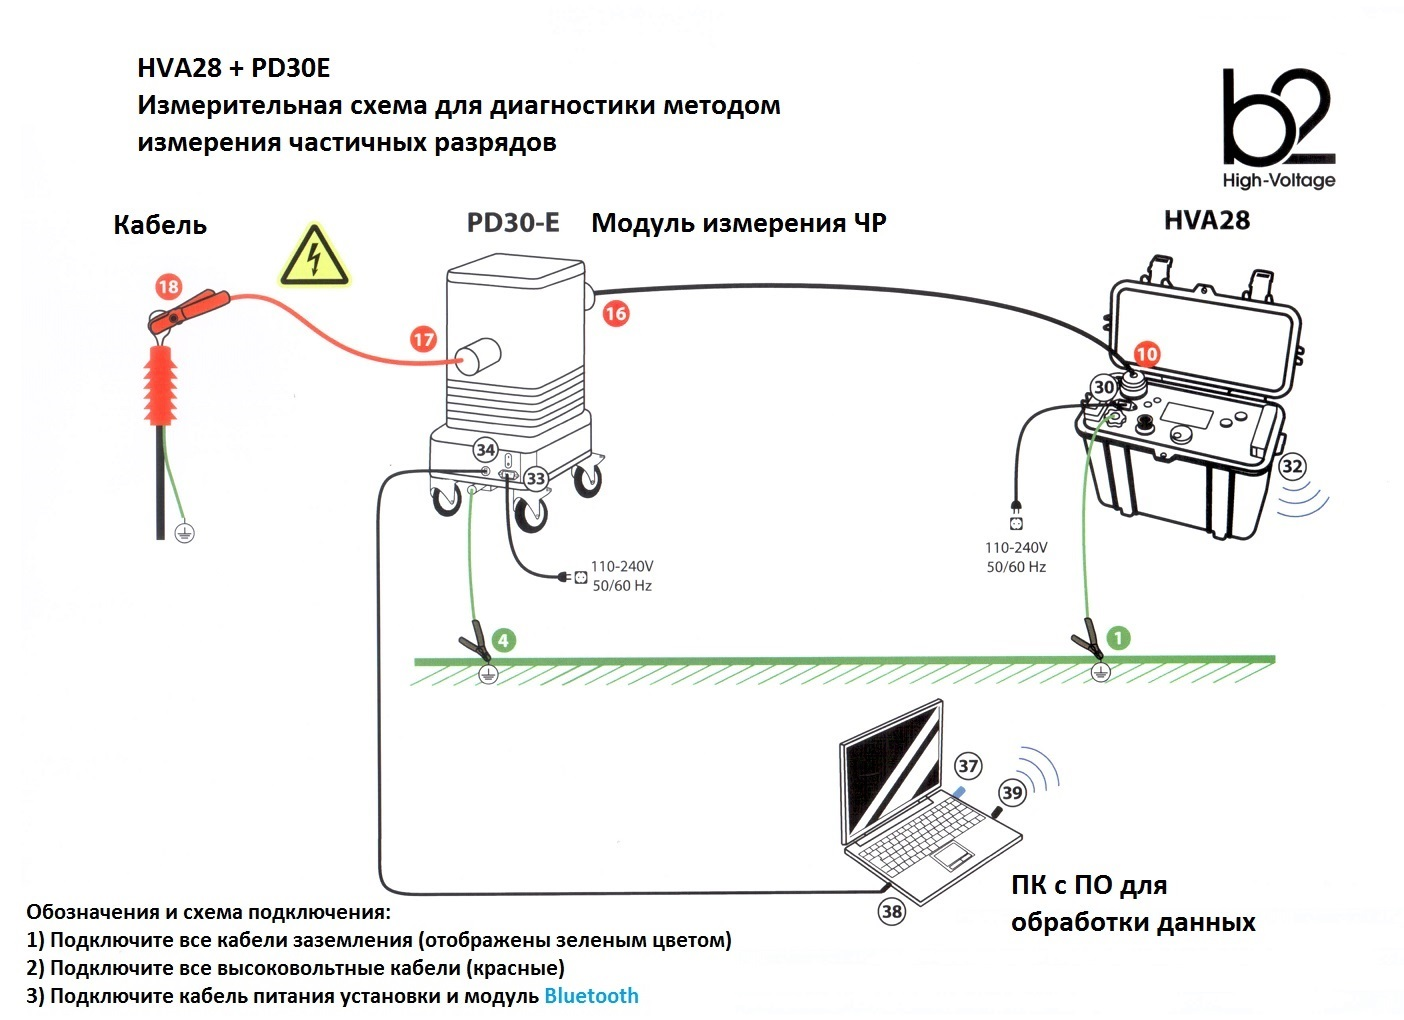 HVA28-PD-std-connection PD, PD/TD установки диагностики СПЭ кабелей и регистрации ЧР